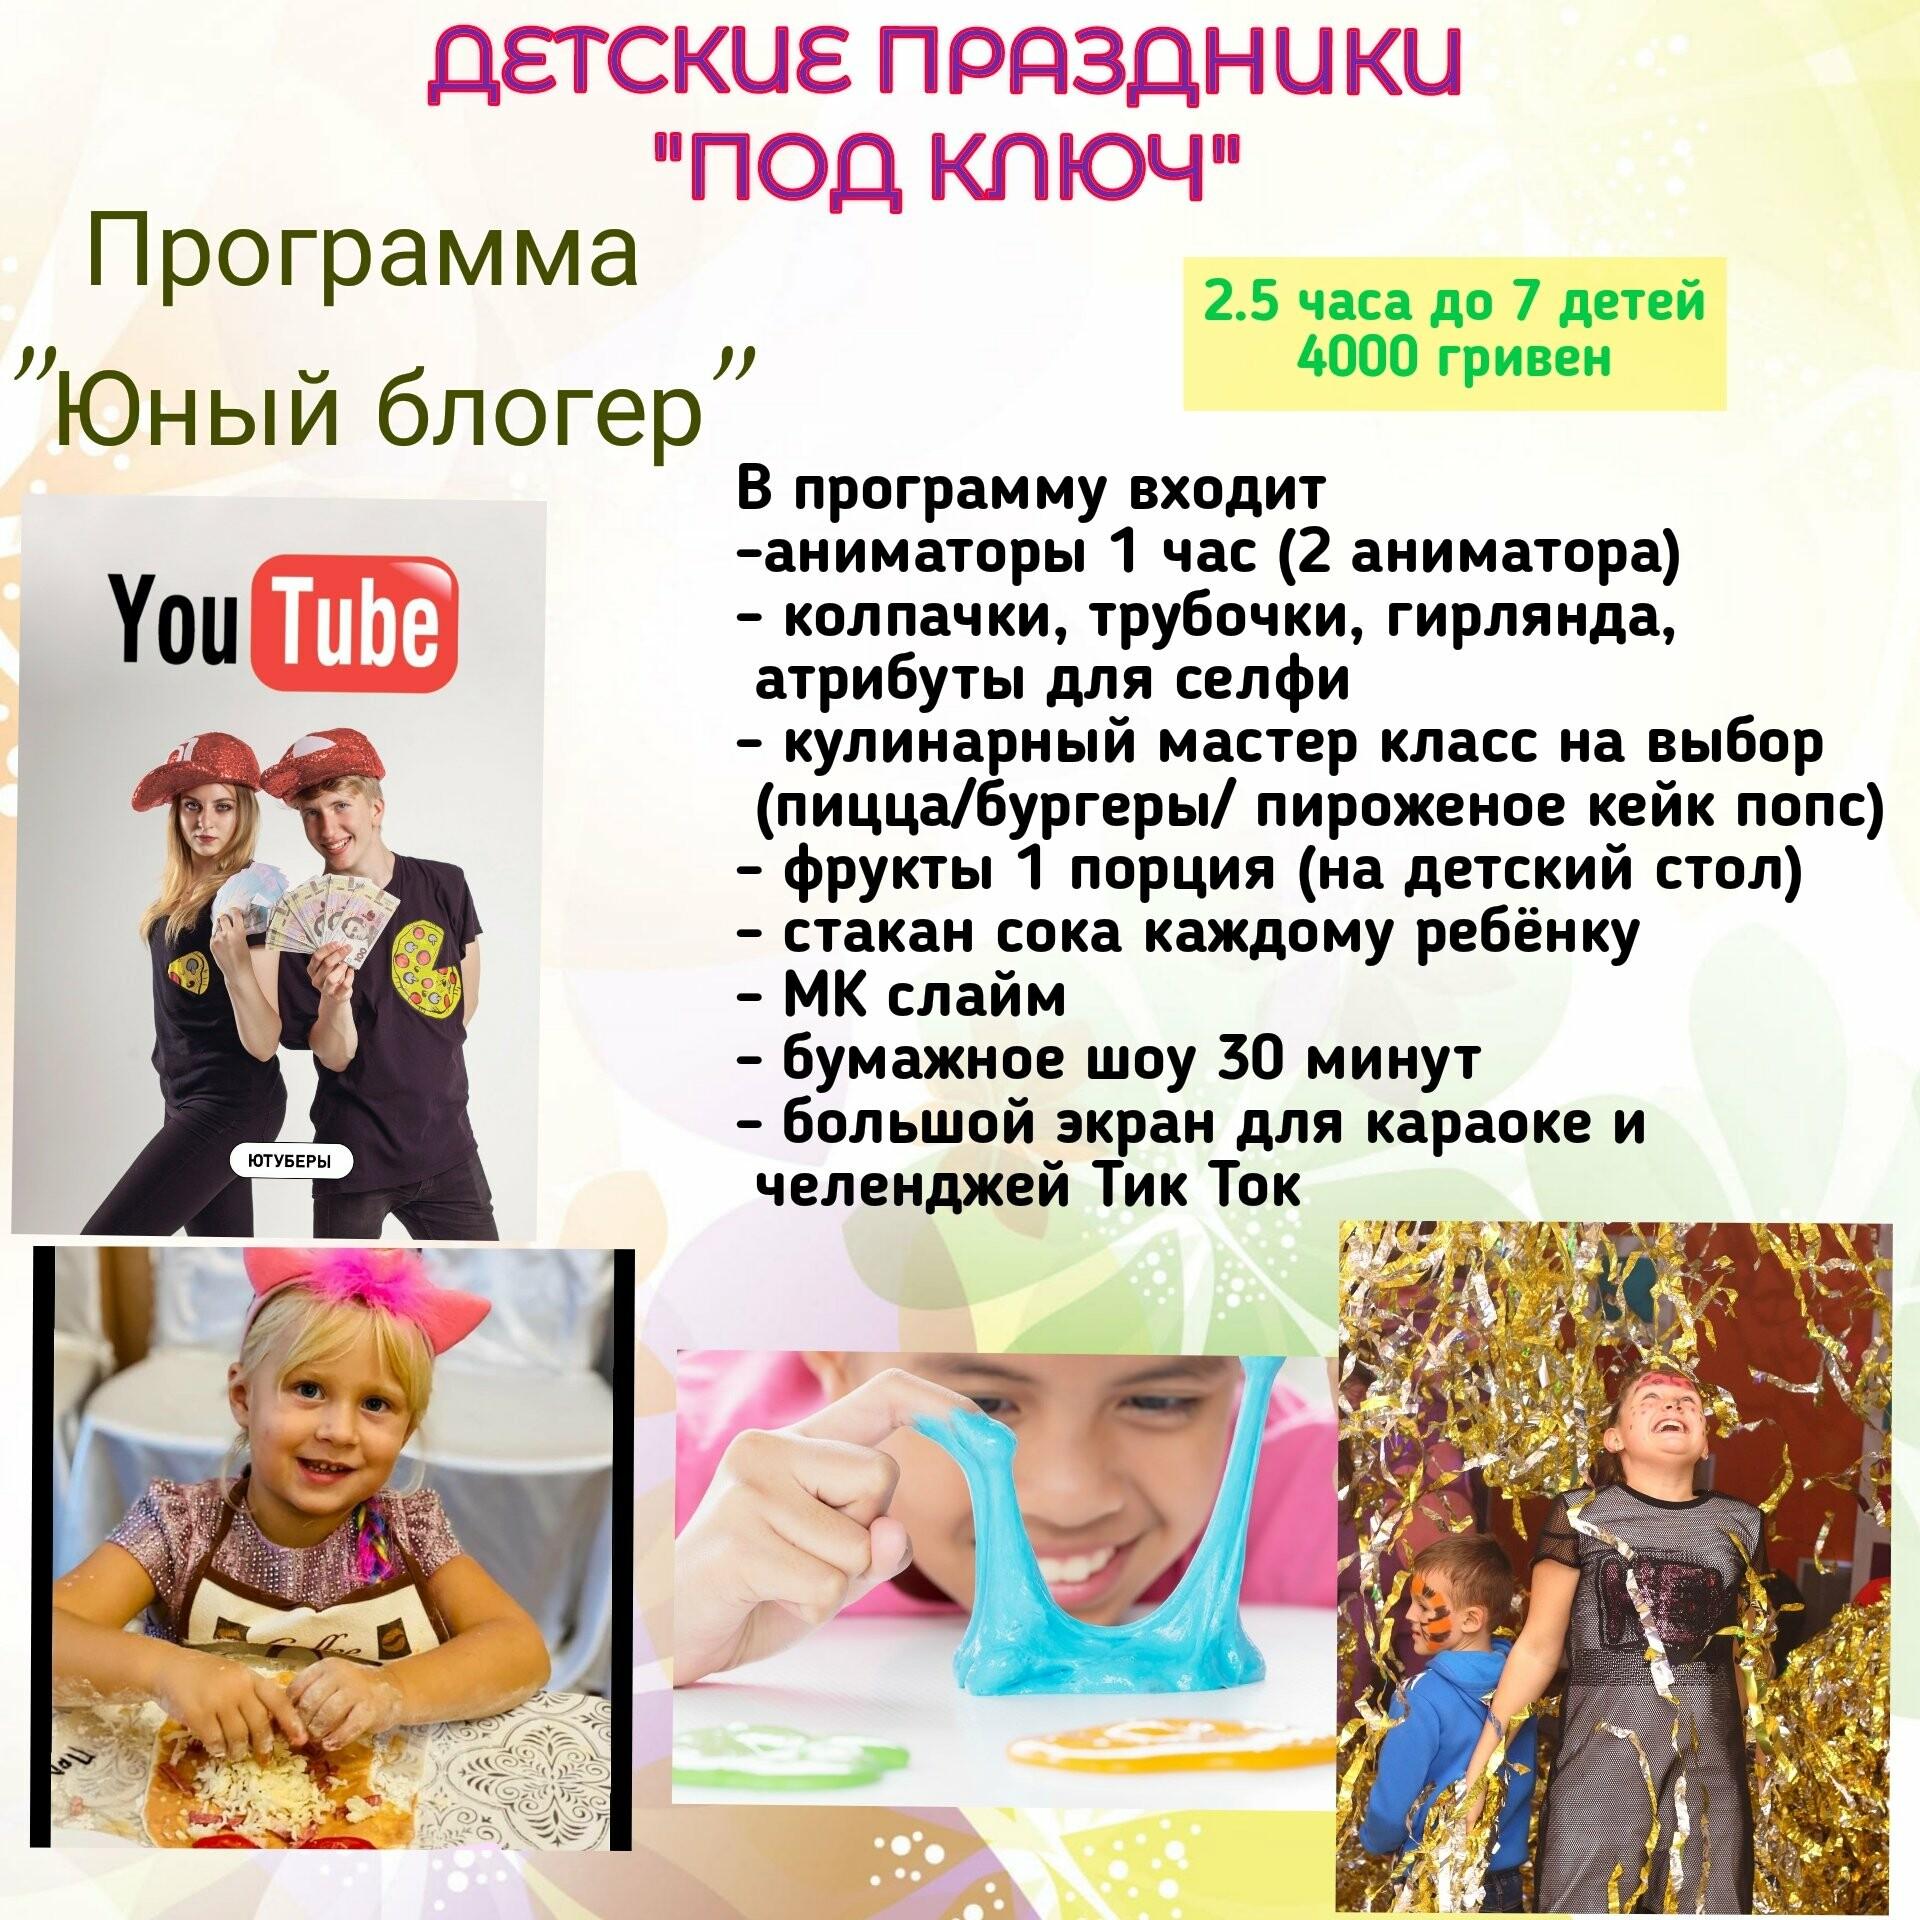 Детский день рождения в Запорожье, выпускной в Запорожье, праздник для именинника в Запорожье только у нас - ресторанный комплекс Раут г...., фото-5